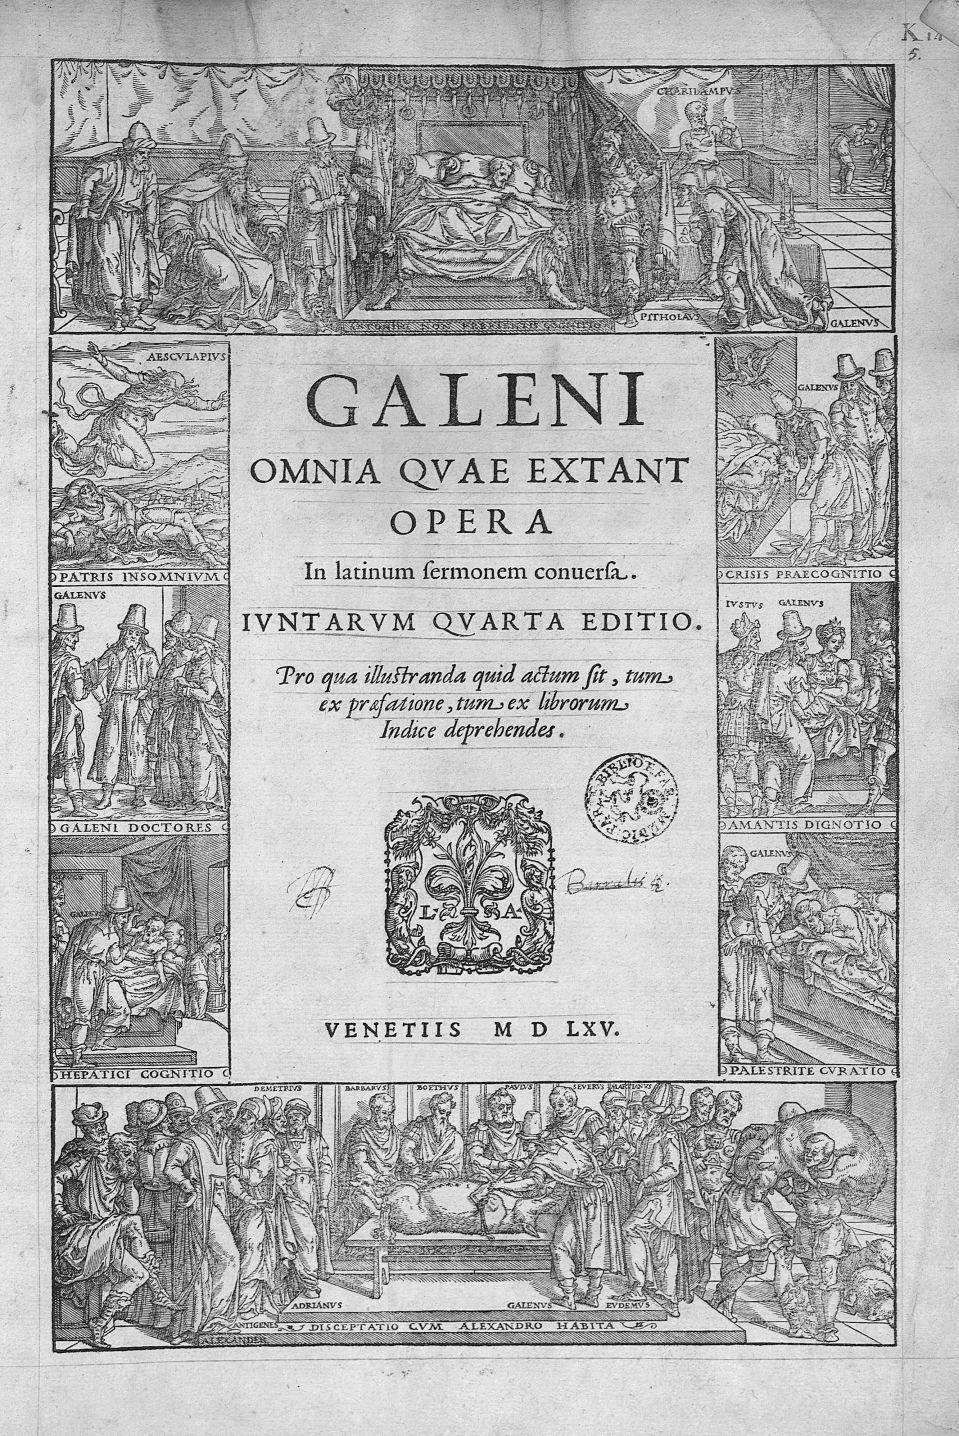 [Frontispice portant les représentations de Galien, d'Aesculape] - Galeni omnia quae extant opera /  [...] - Ornements typographiques. Médecins. Lits (meubles). Mythologie, Antiquité, 16e siècle (Grèce, Rome, Italie) - med00042x00x0001